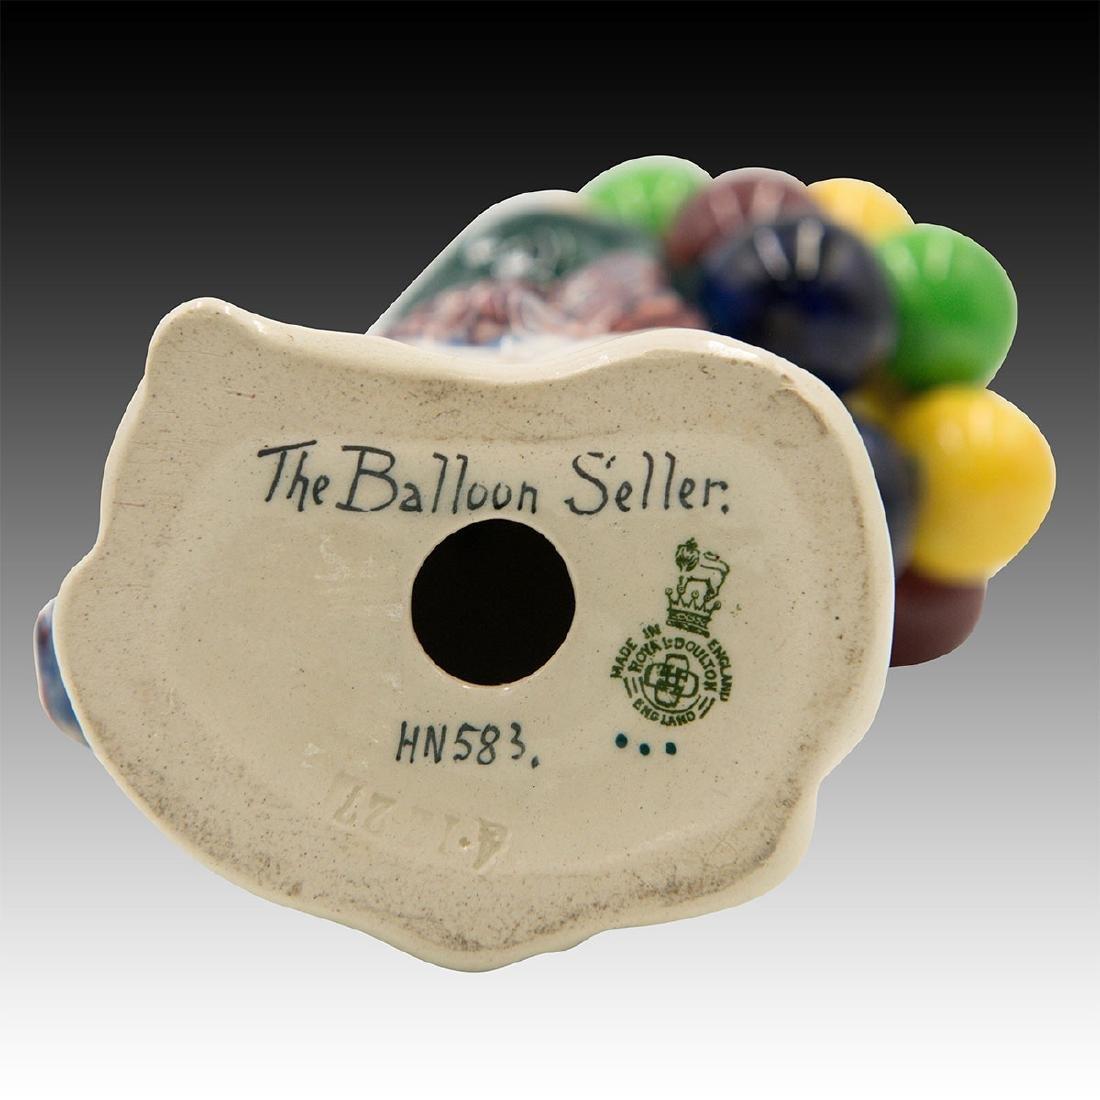 Royal Doulton Figurine Balloon Seller HN 583 - 3